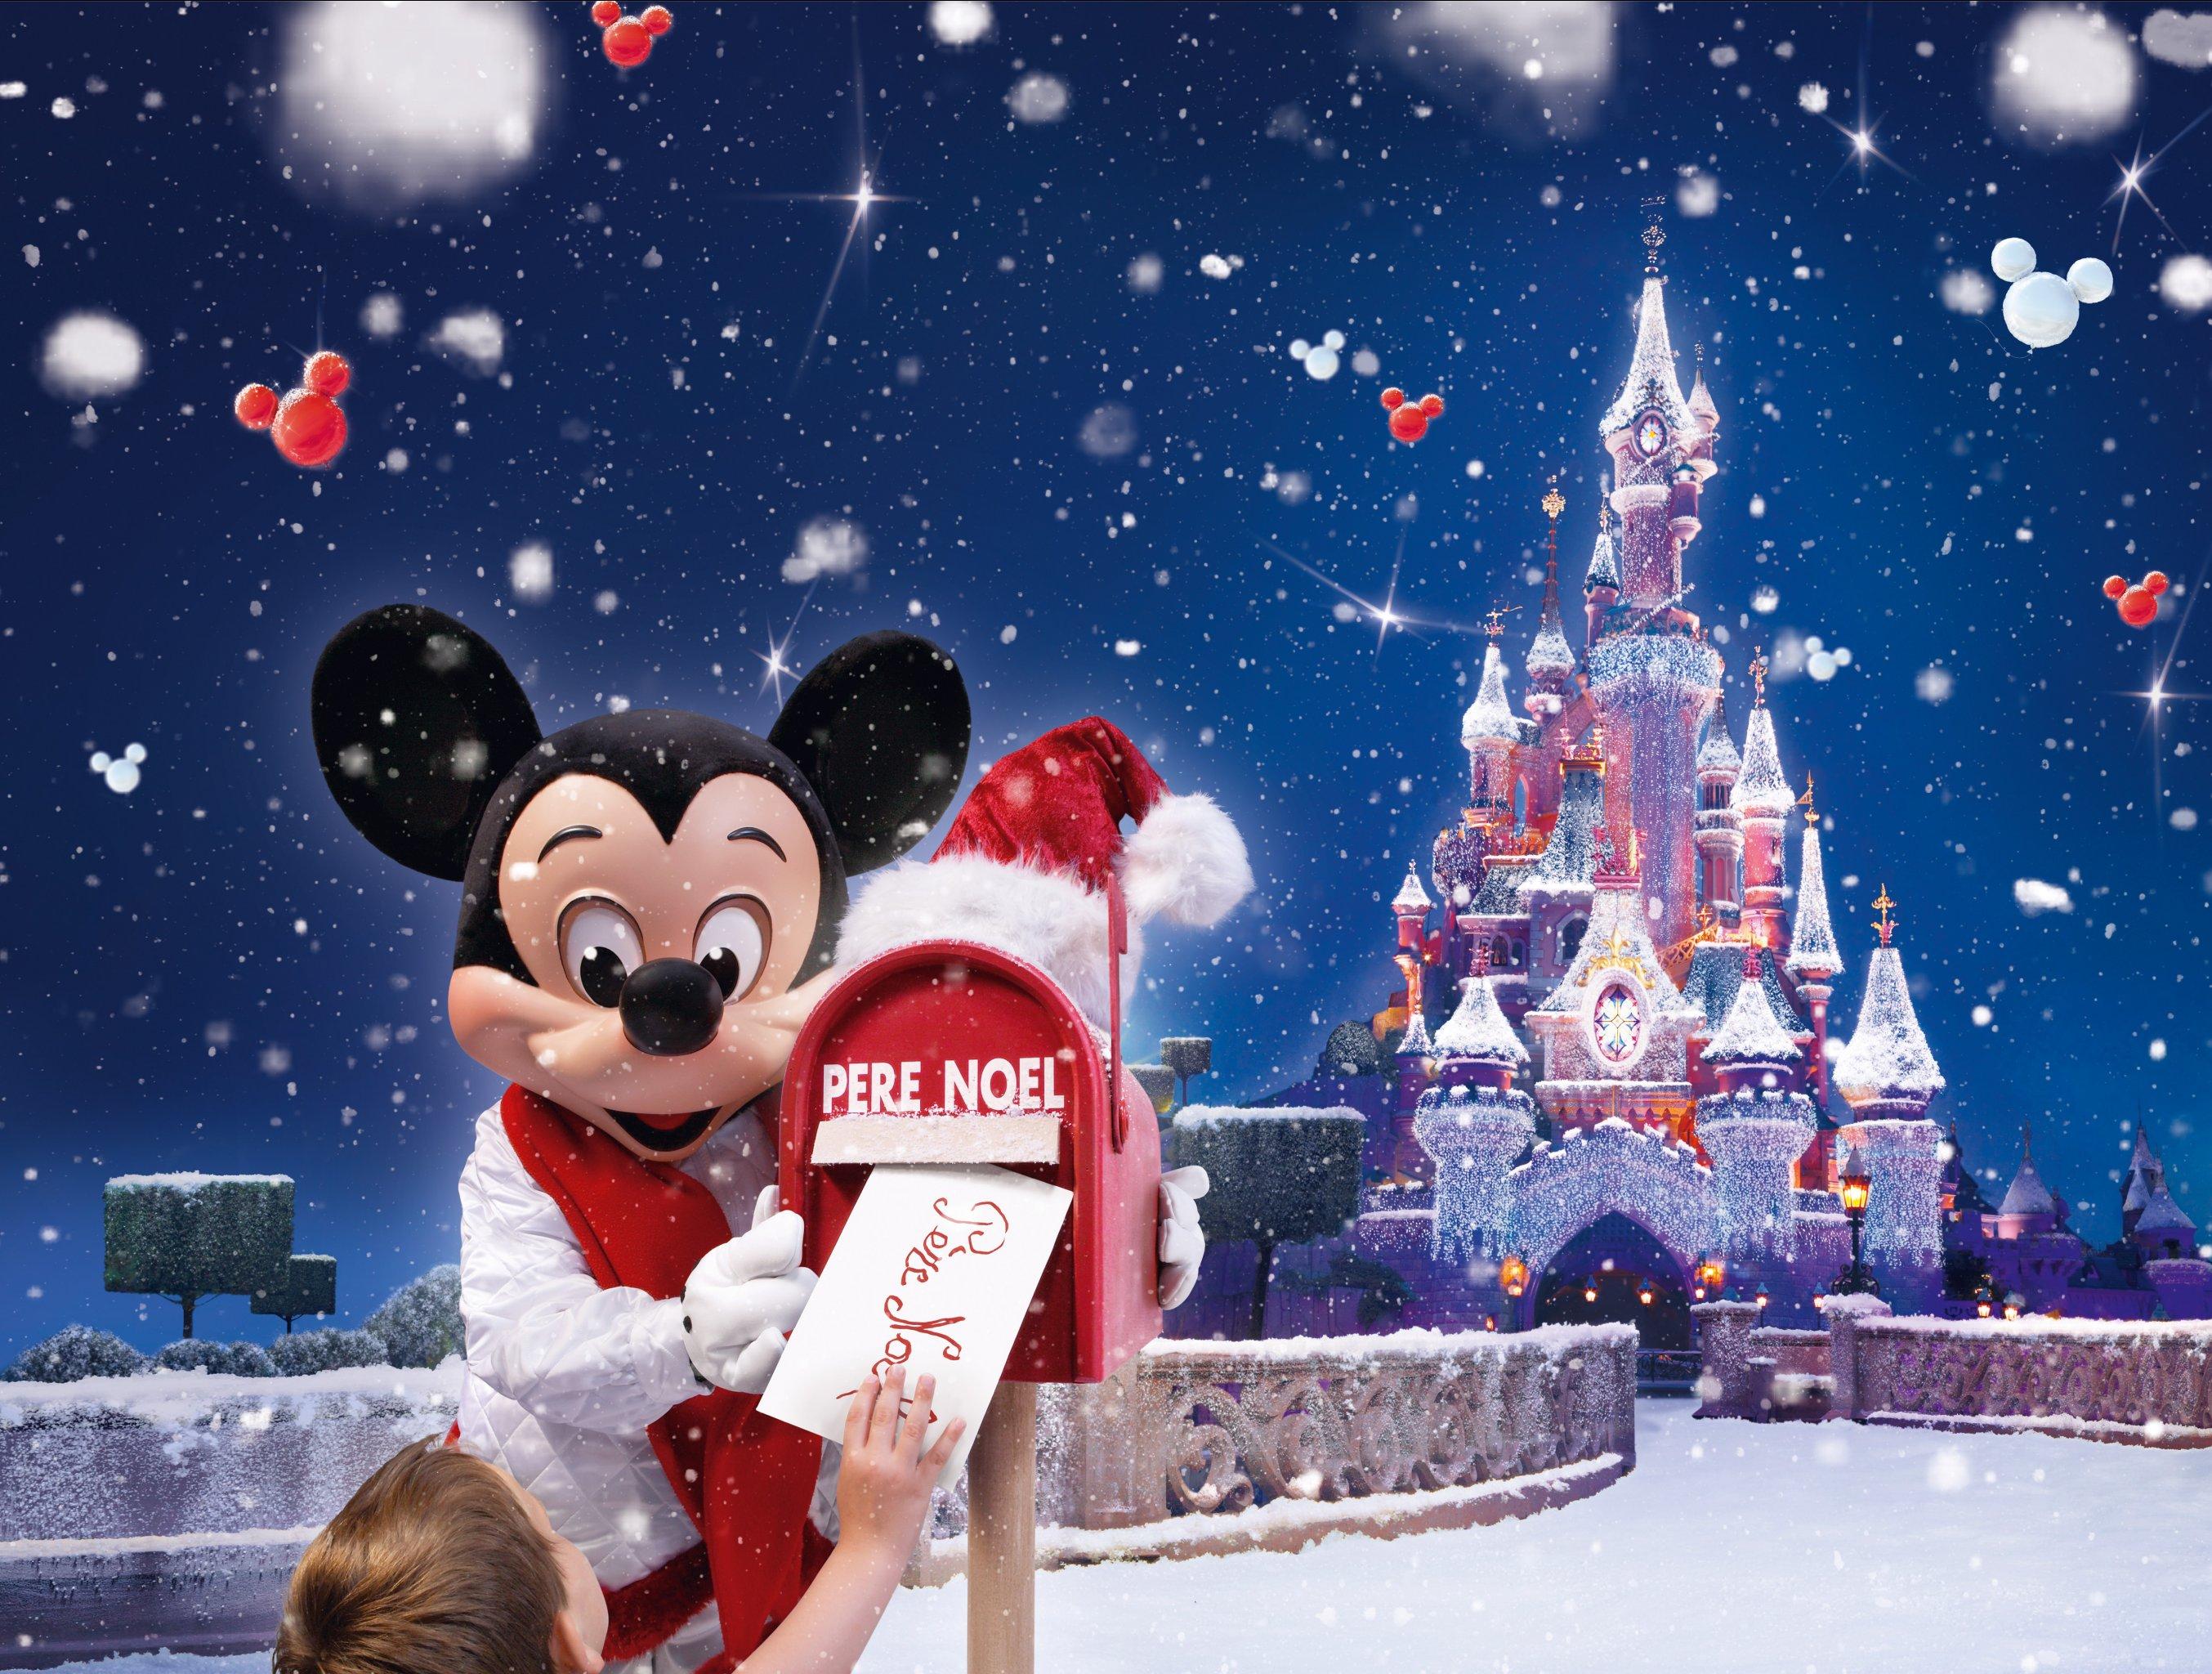 Disney's Fairytale Christmas 2009